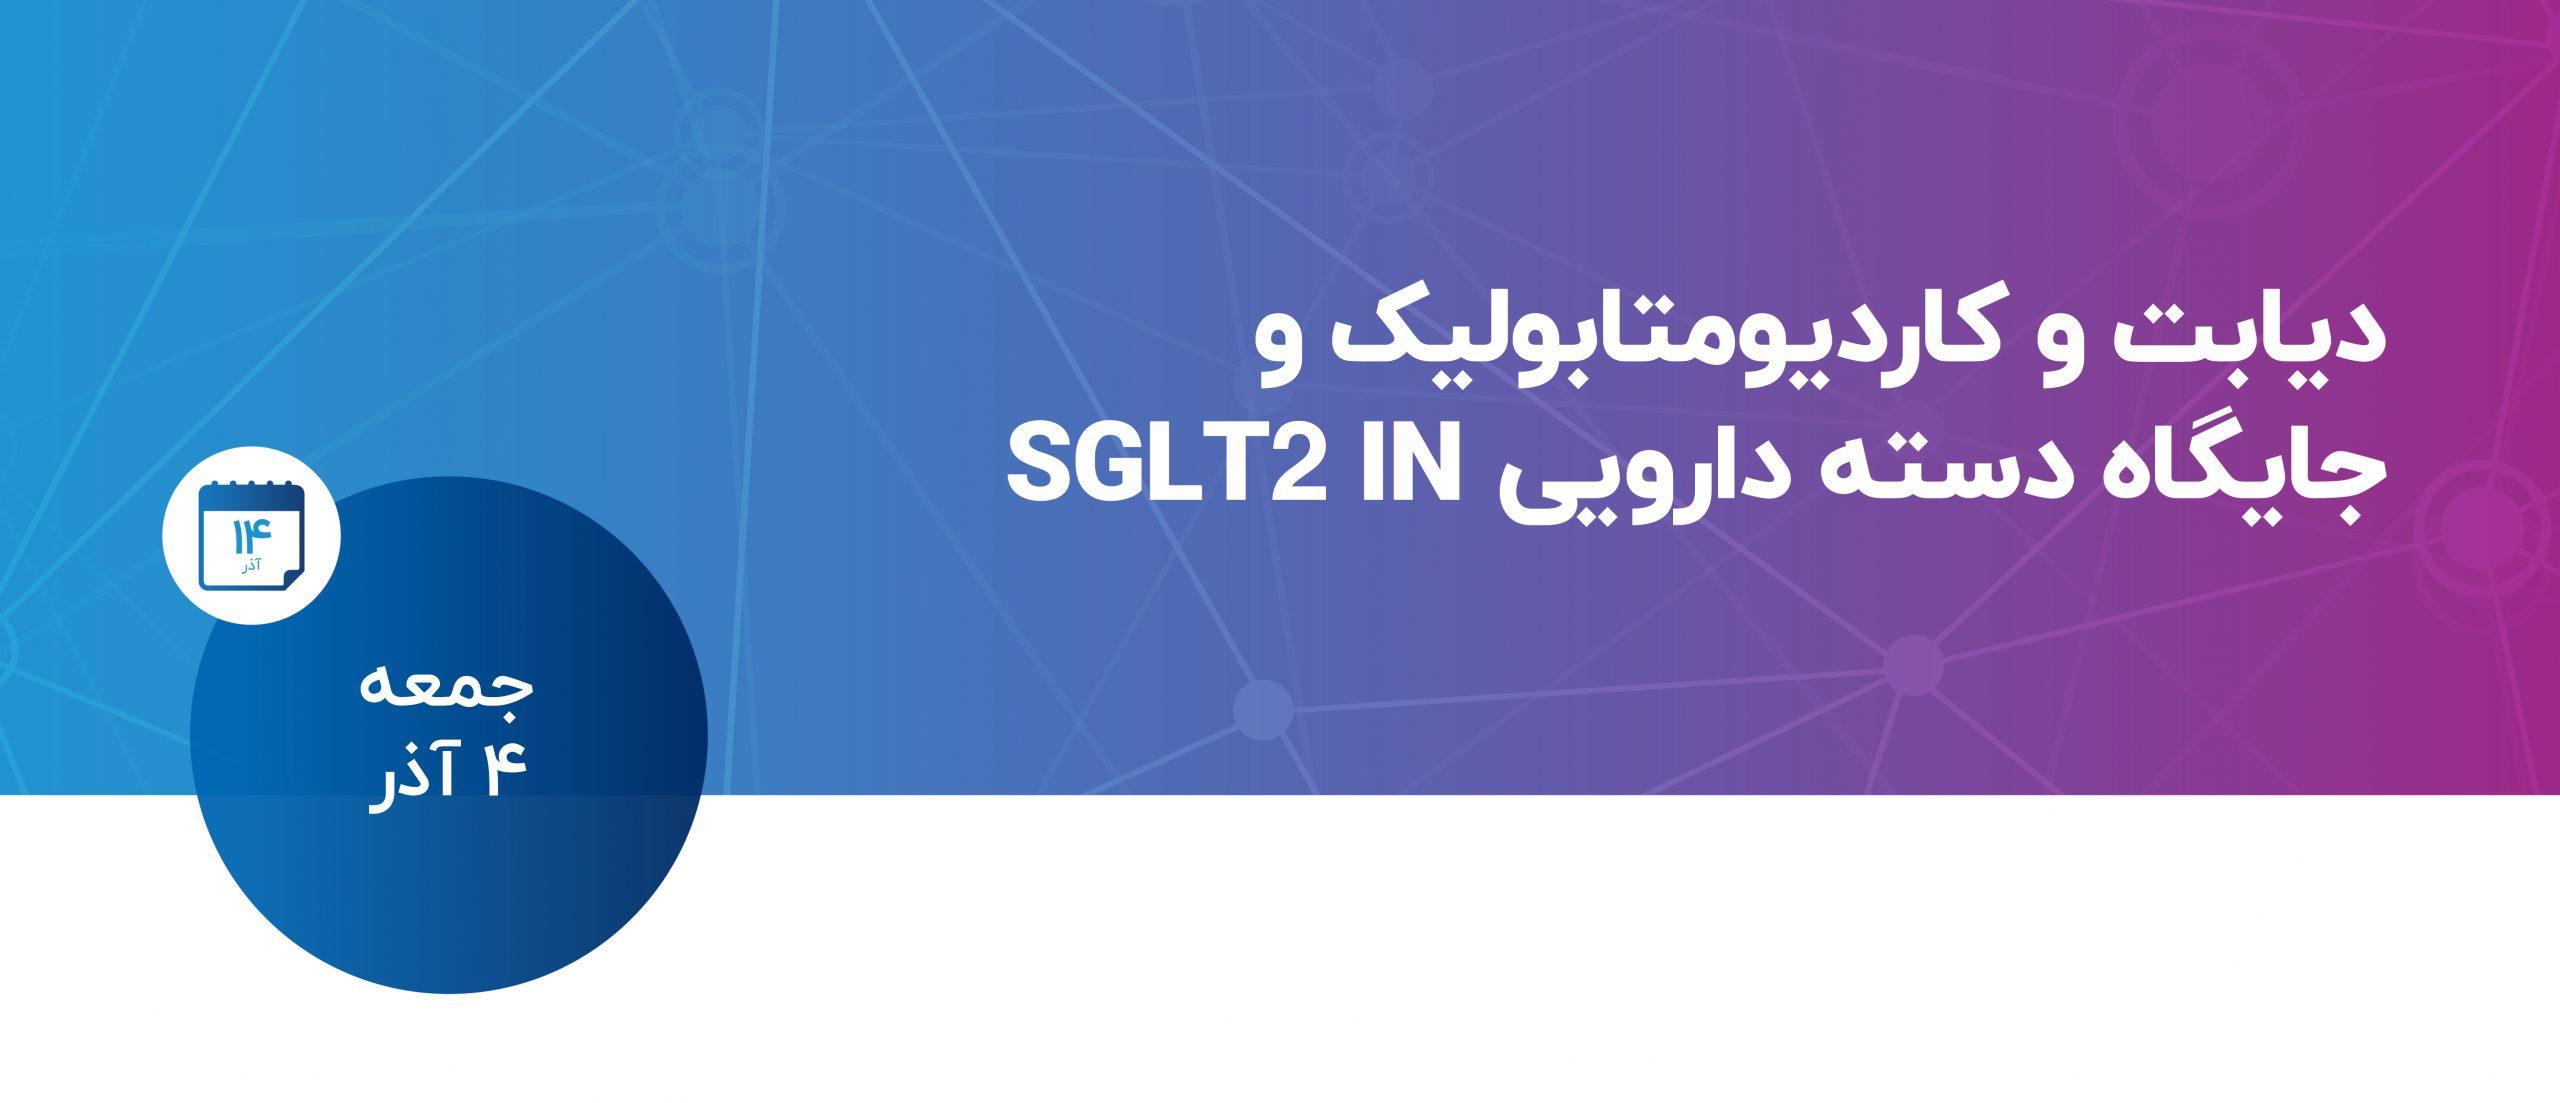 دیابت و کاردیومتابولیک و جایگاه دسته دارویی SGLT2 IN